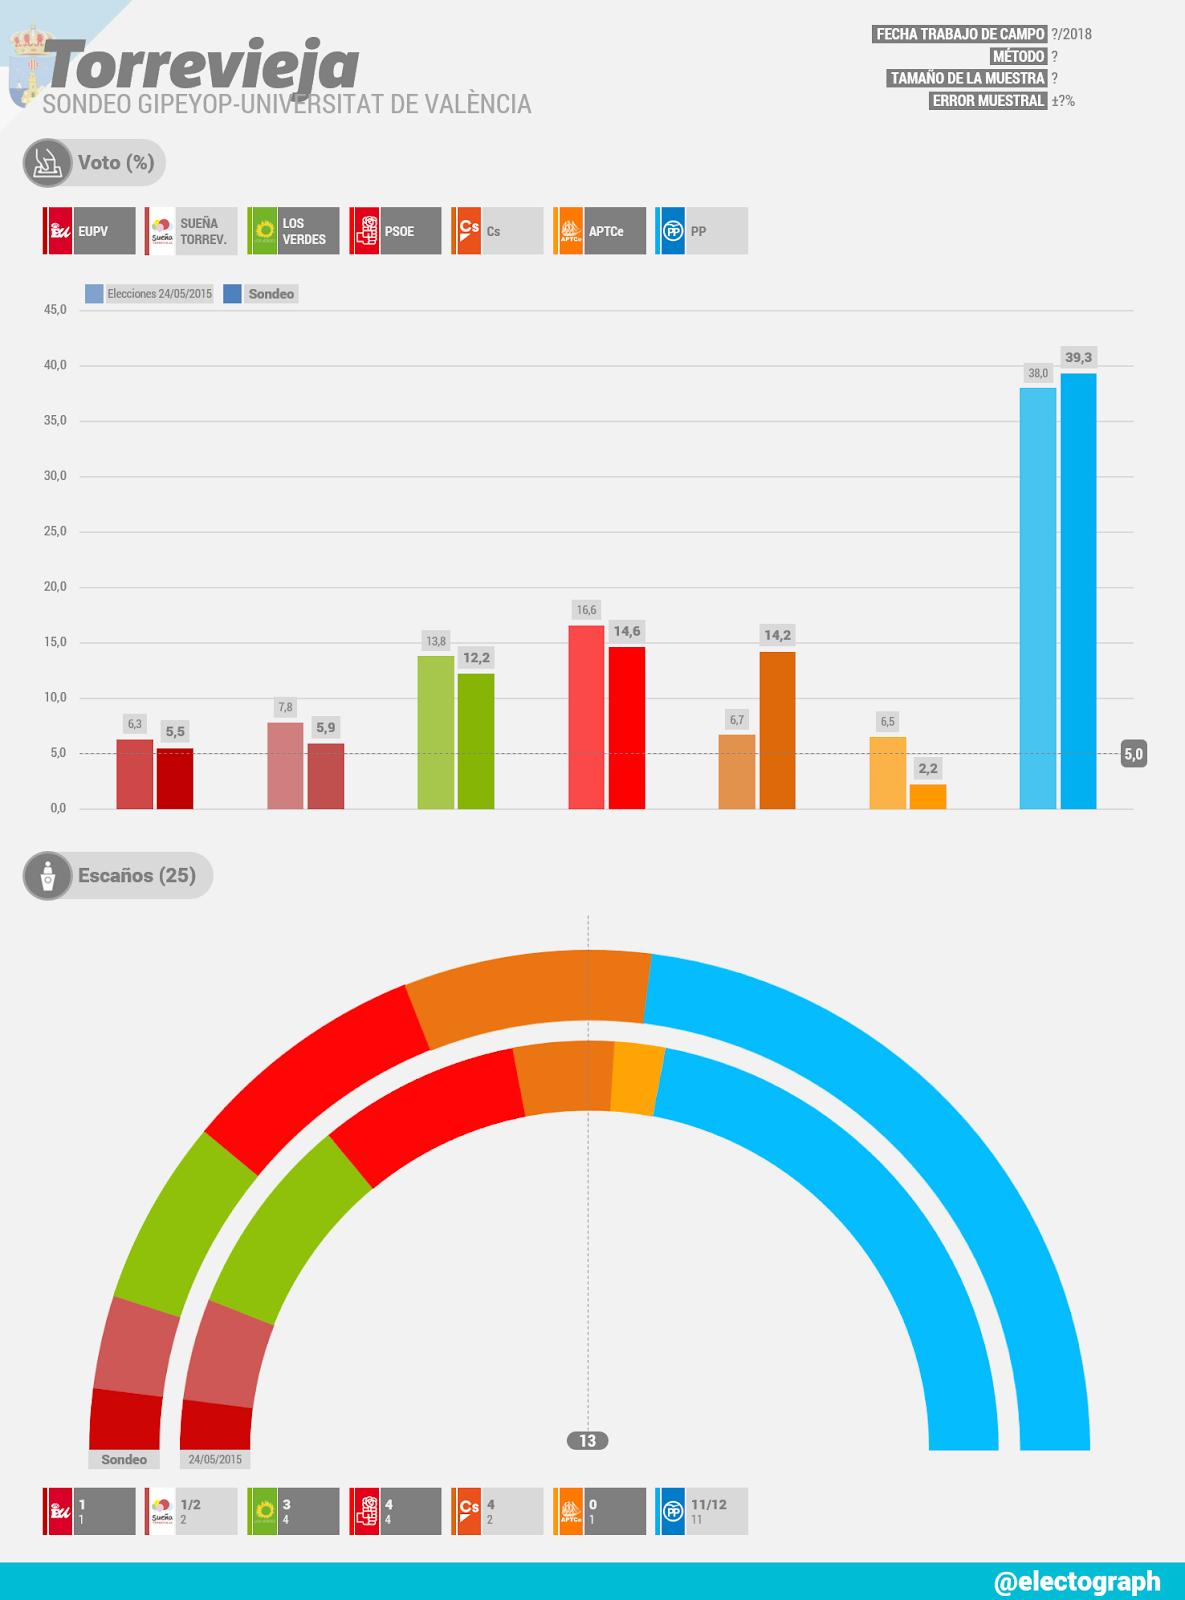 Gráfico de la encuesta para elecciones municipales en Torrevieja (Alicante) realizado por GIPEyOP-Universitat de València en 2018